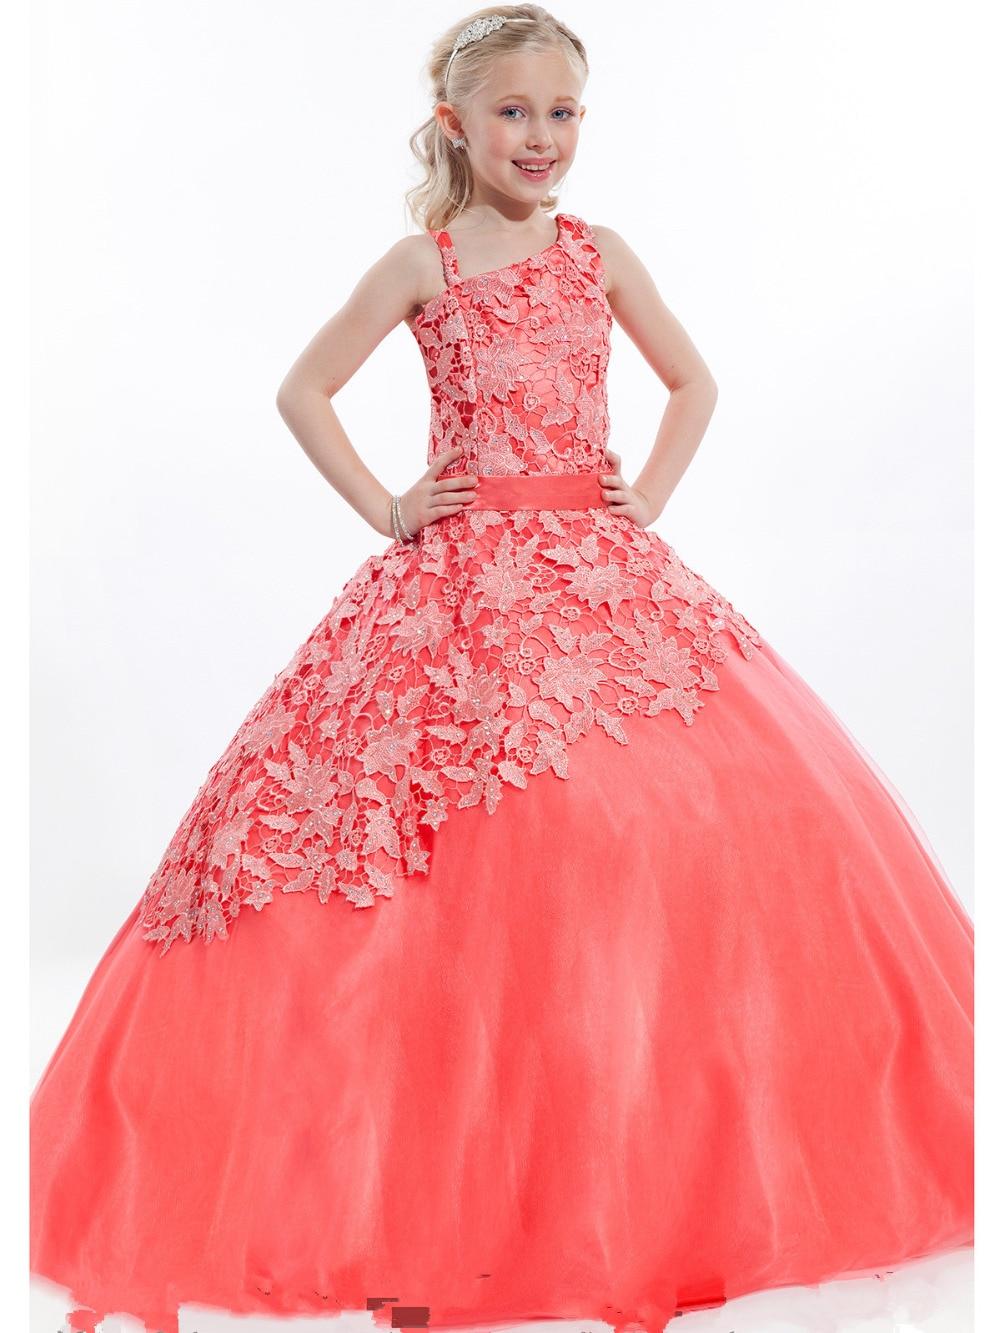 Hermosa Vestidos De Las Damas Para Las Niñas Fotos - Colección de ...